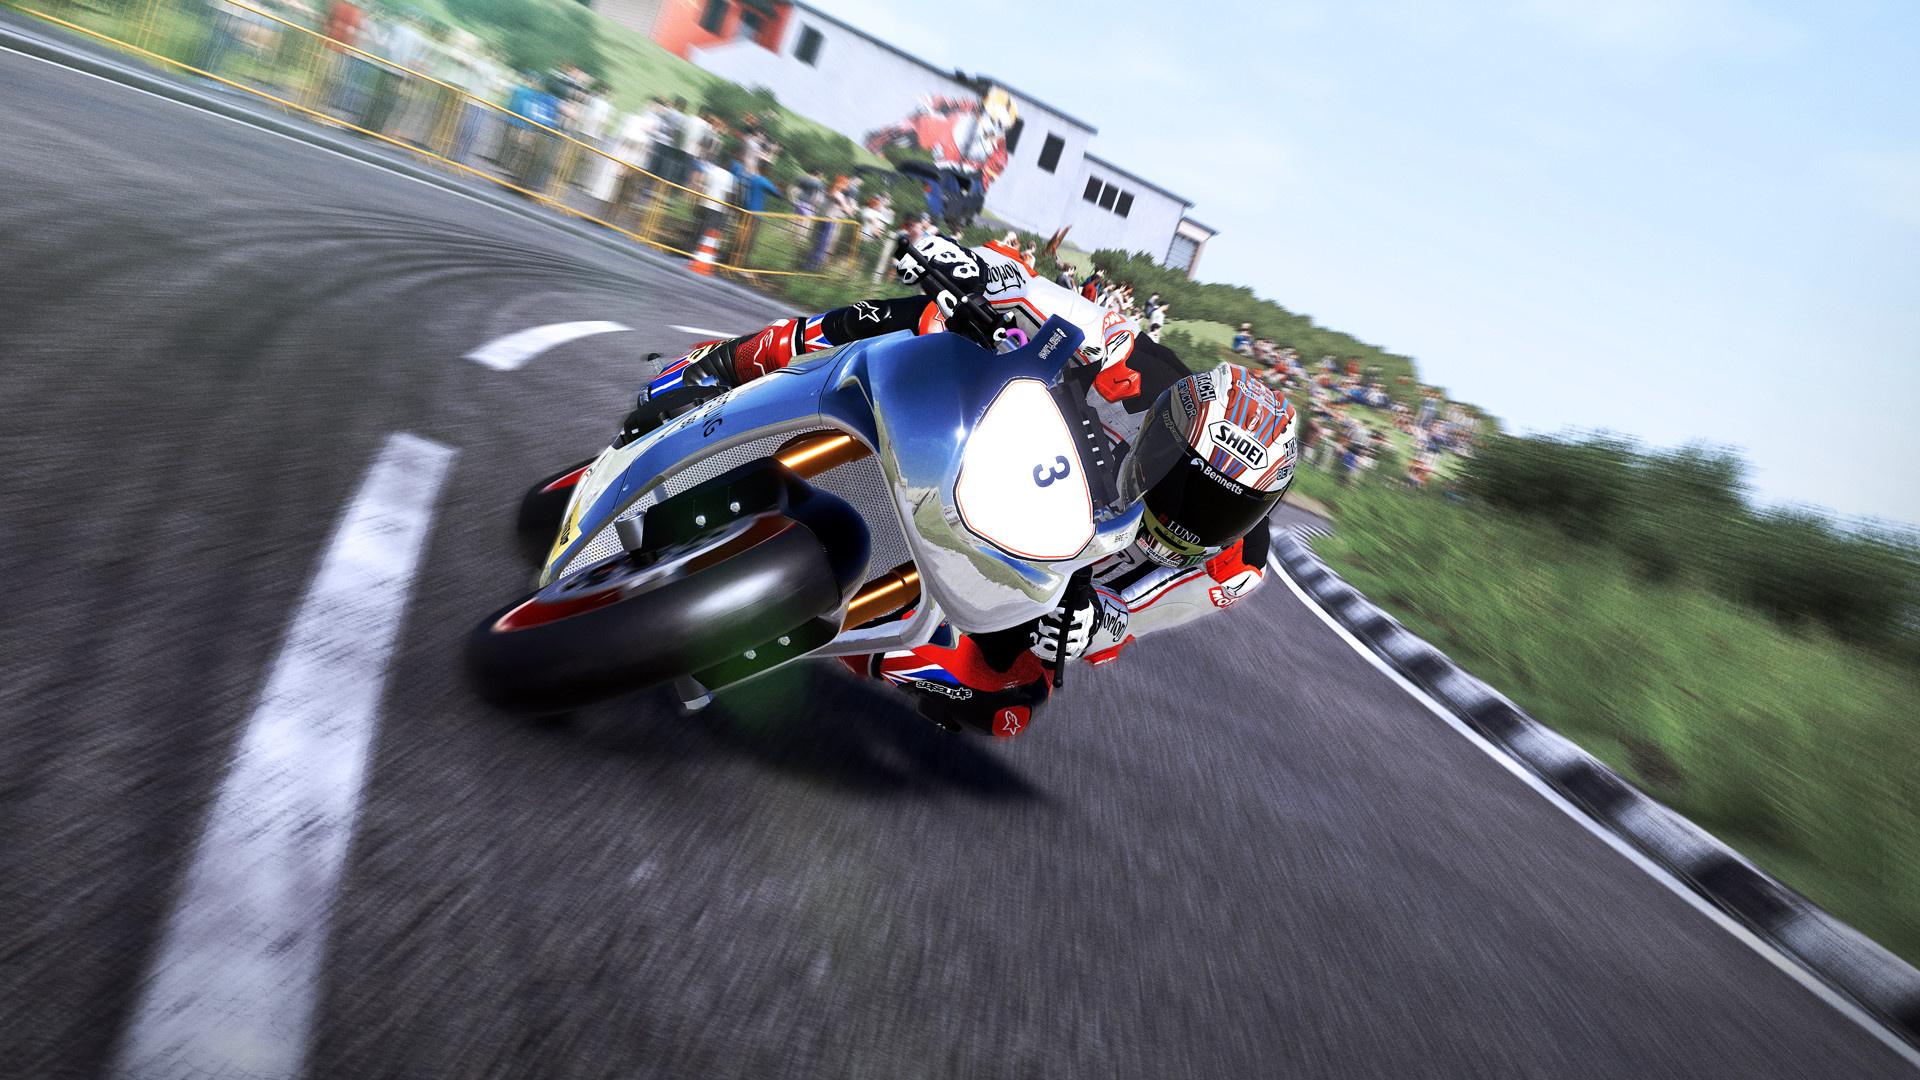 Победители TT Ride on the Edge 2020 попадут на мотогонки Isle of Man TT